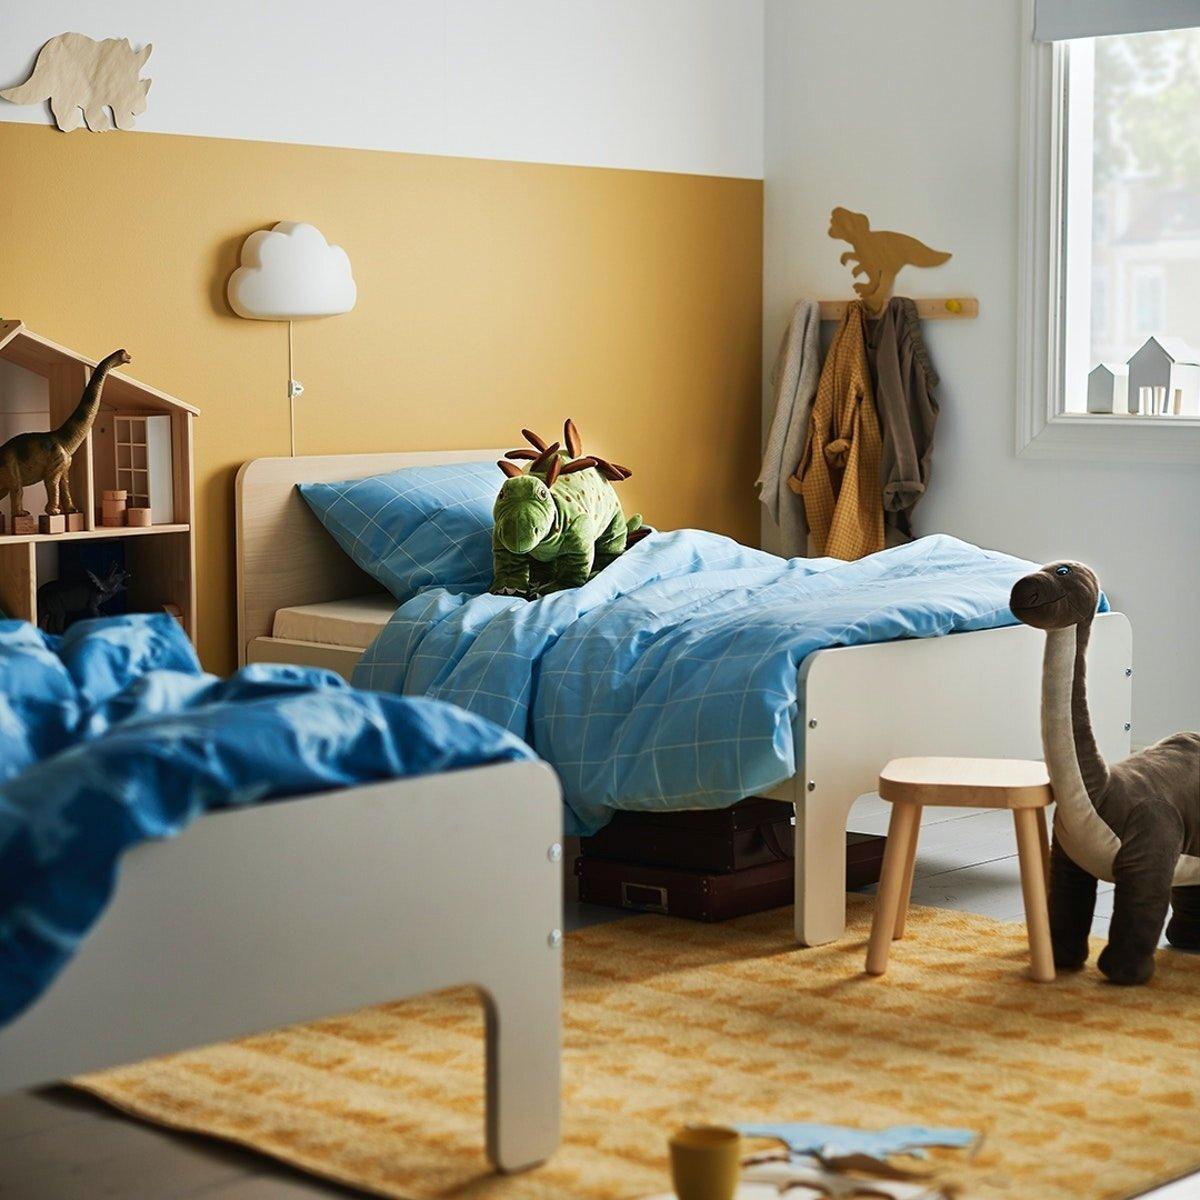 IKEA august 2020